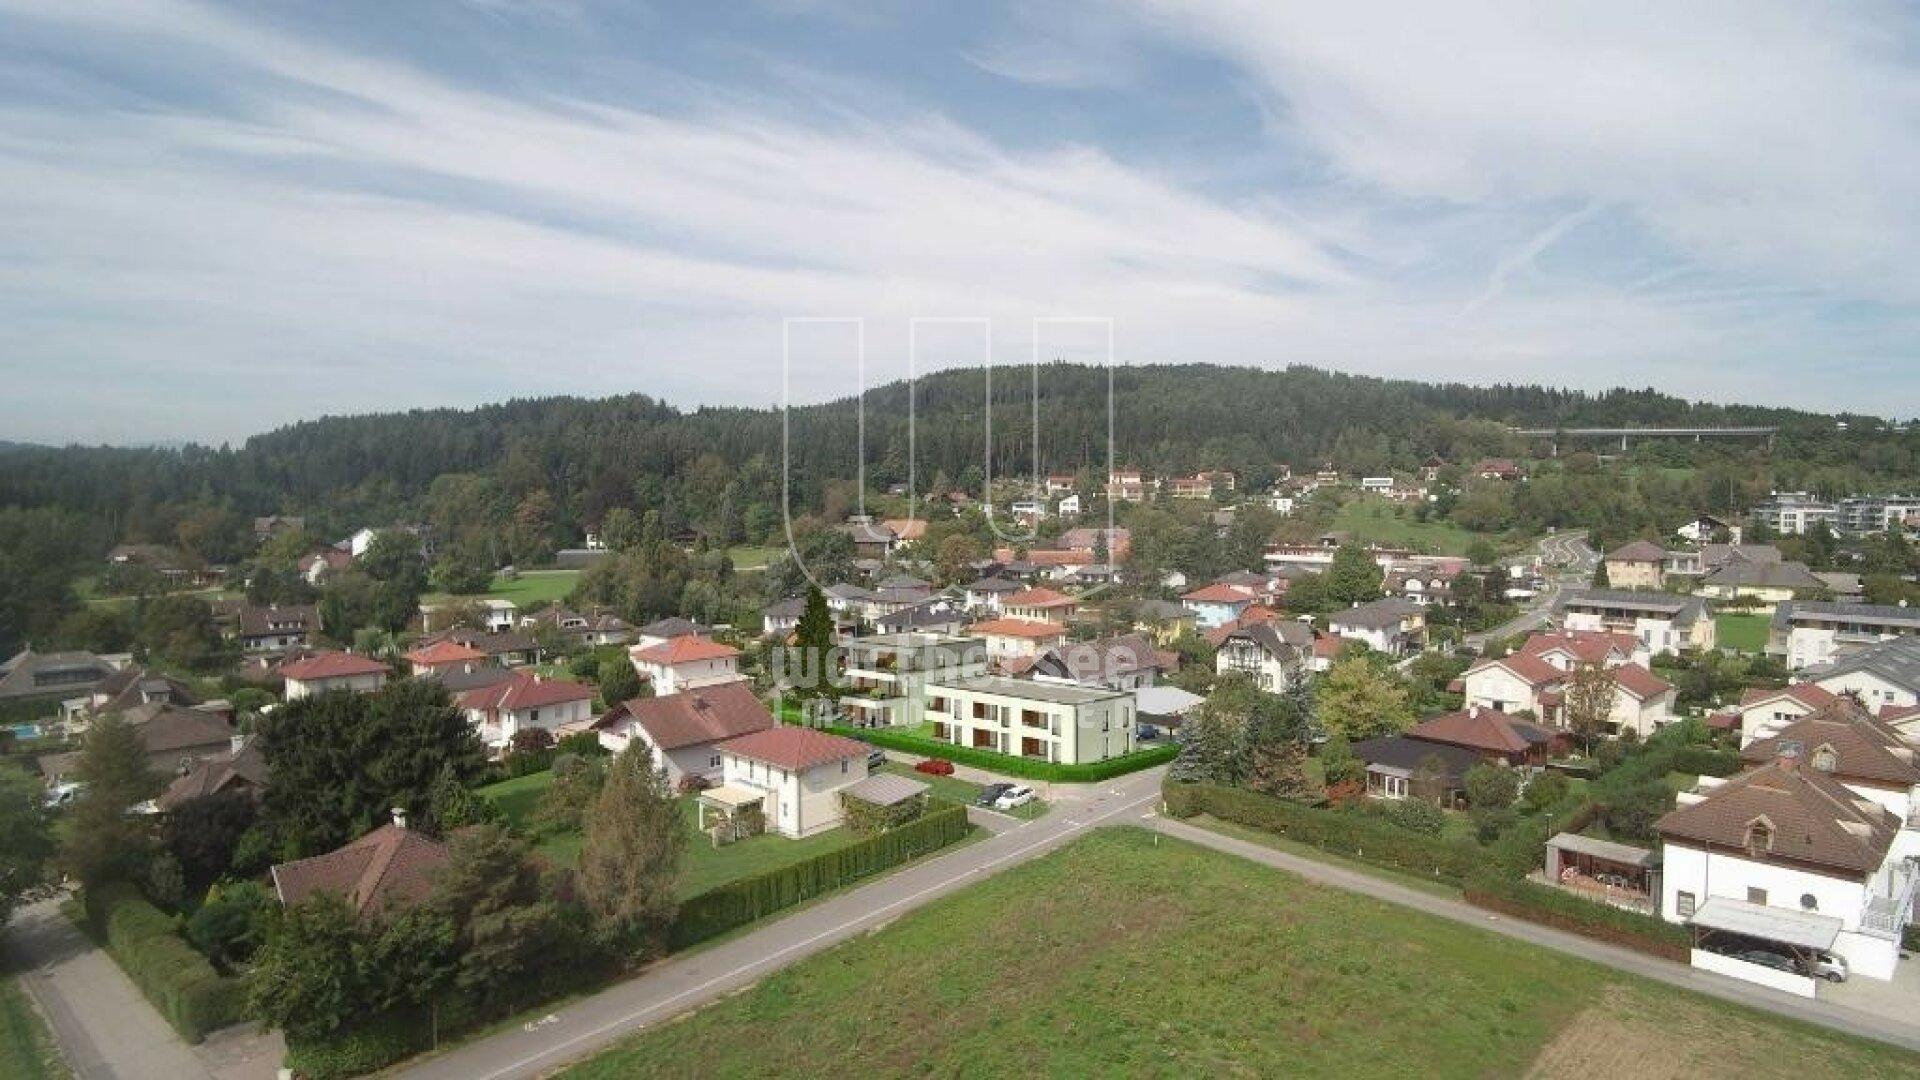 Montage- Luftbild mit Objekt ©plangrafik.com